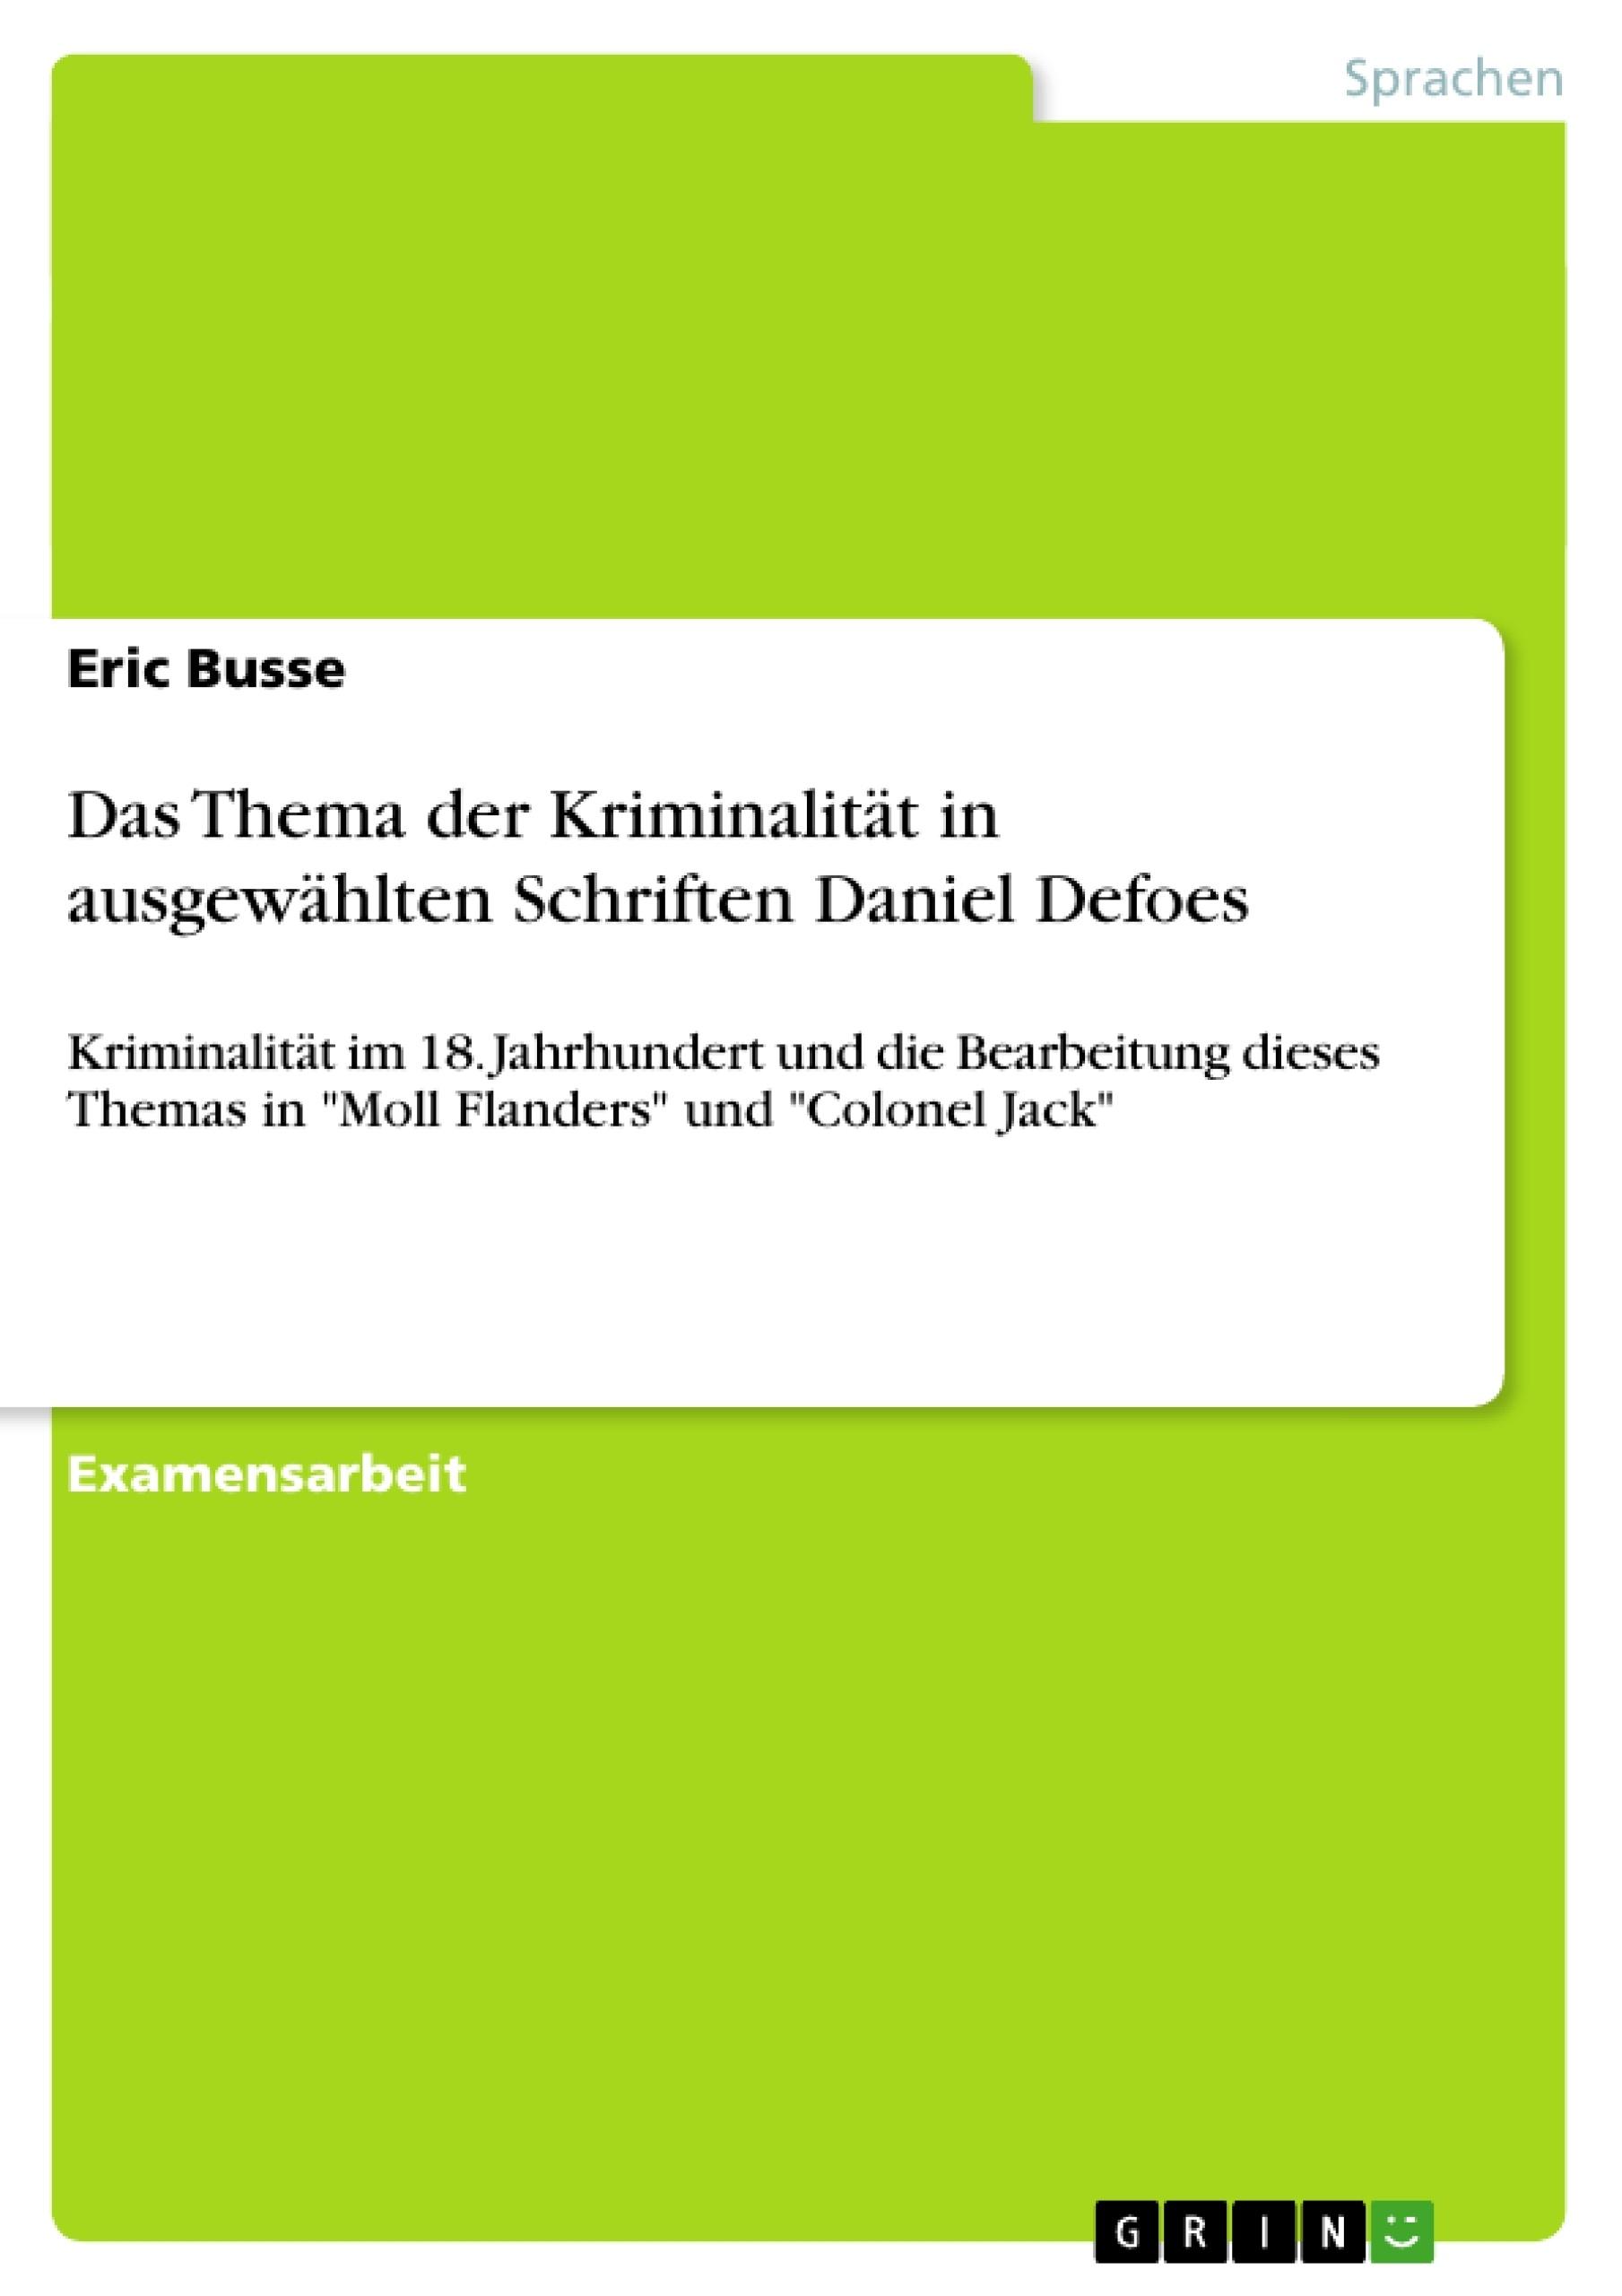 Titel: Das Thema der Kriminalität in ausgewählten Schriften Daniel Defoes